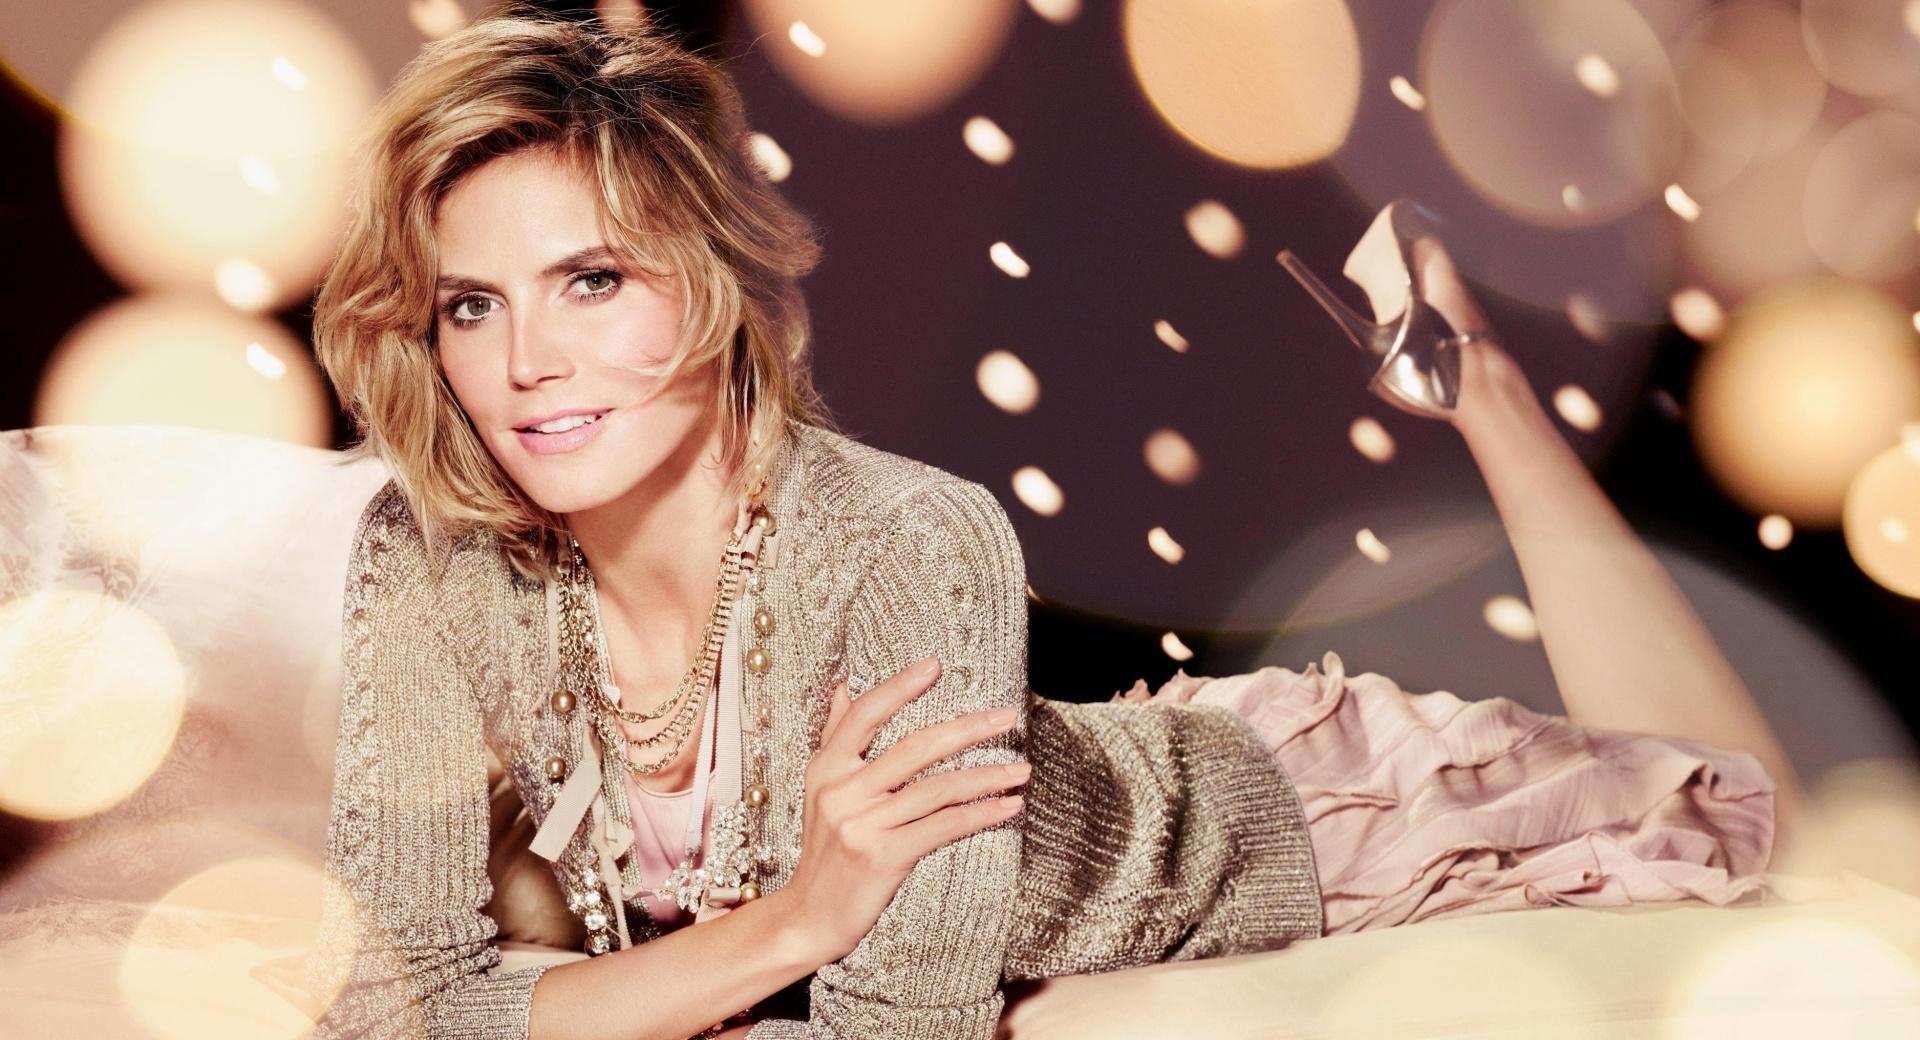 Heidi Klum Model wallpapers HD quality